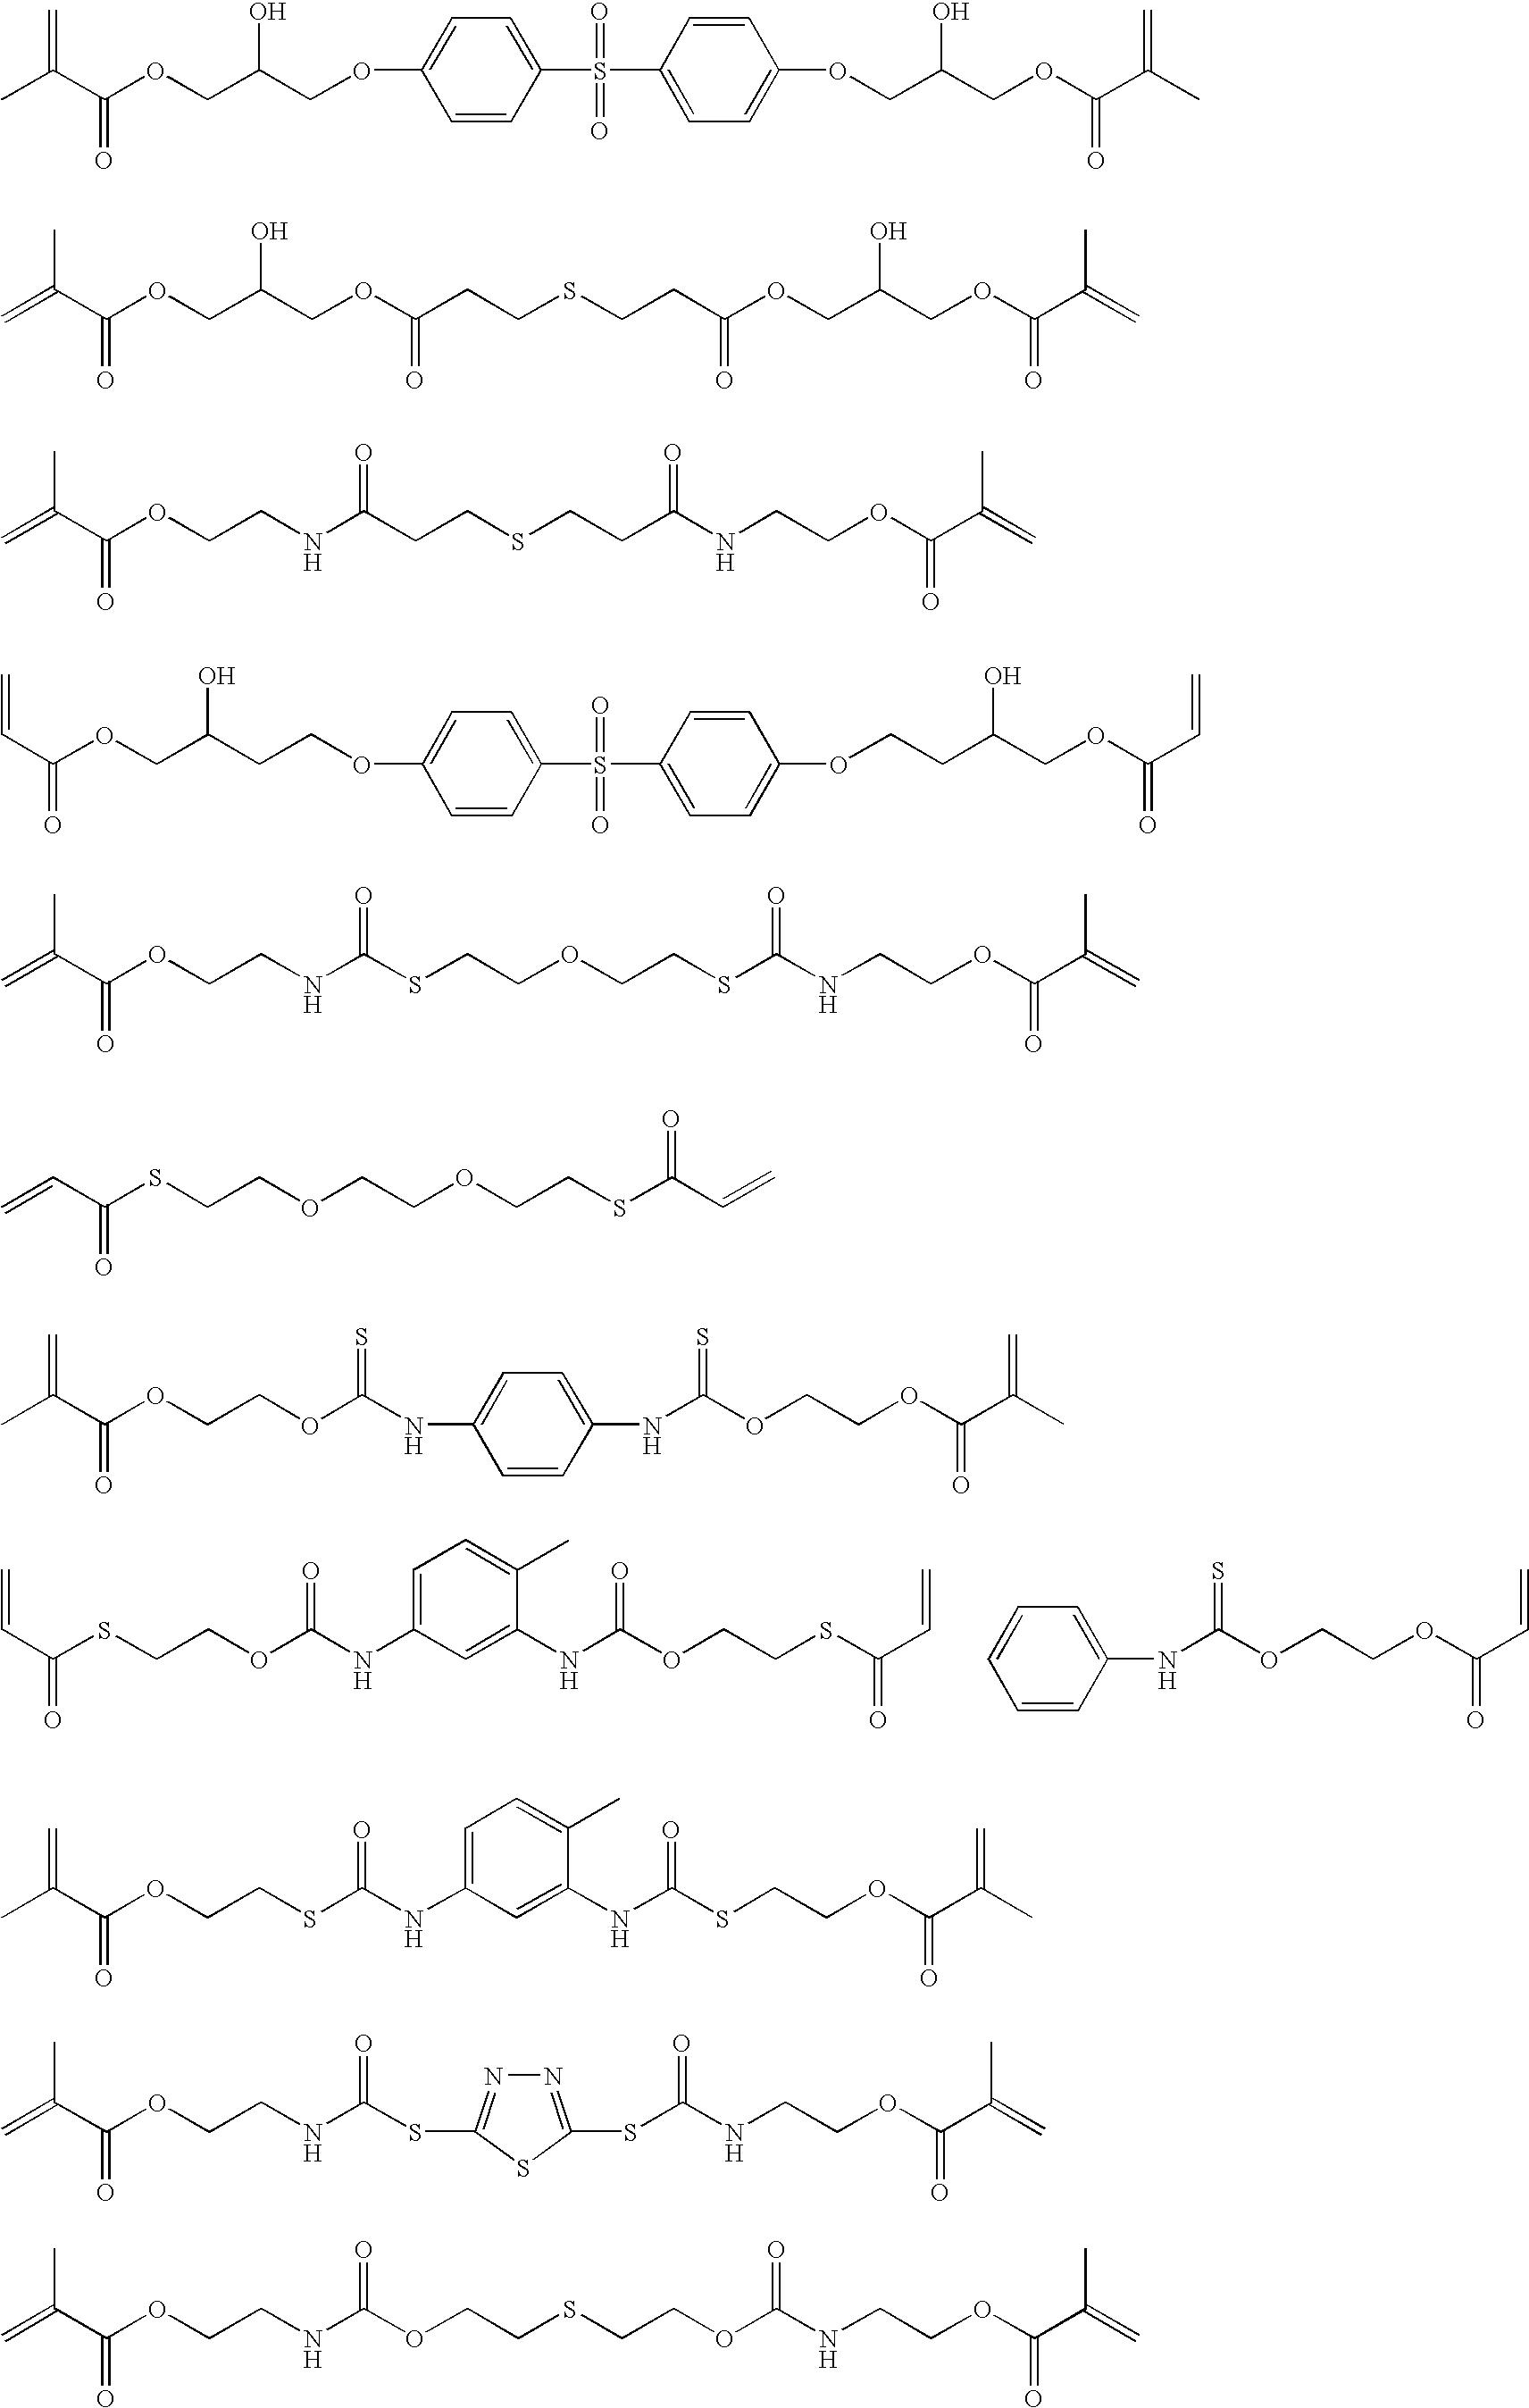 Figure US20090246653A1-20091001-C00157